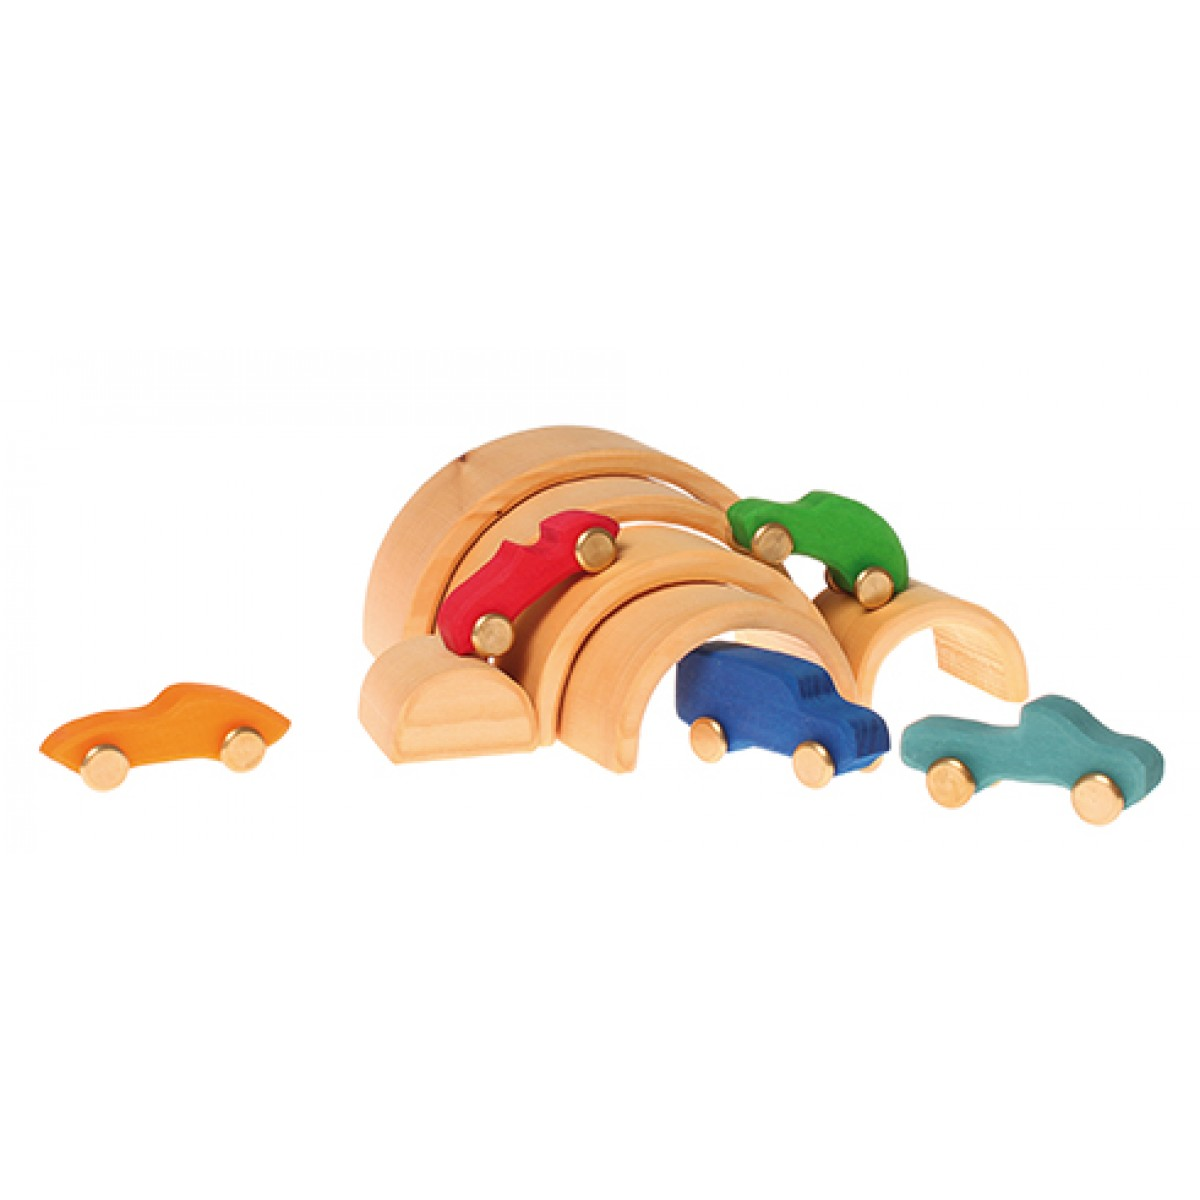 Holzspielzeug Motorikspielzeug Grimms 10680 Tunnelsatz natur 6 teilig